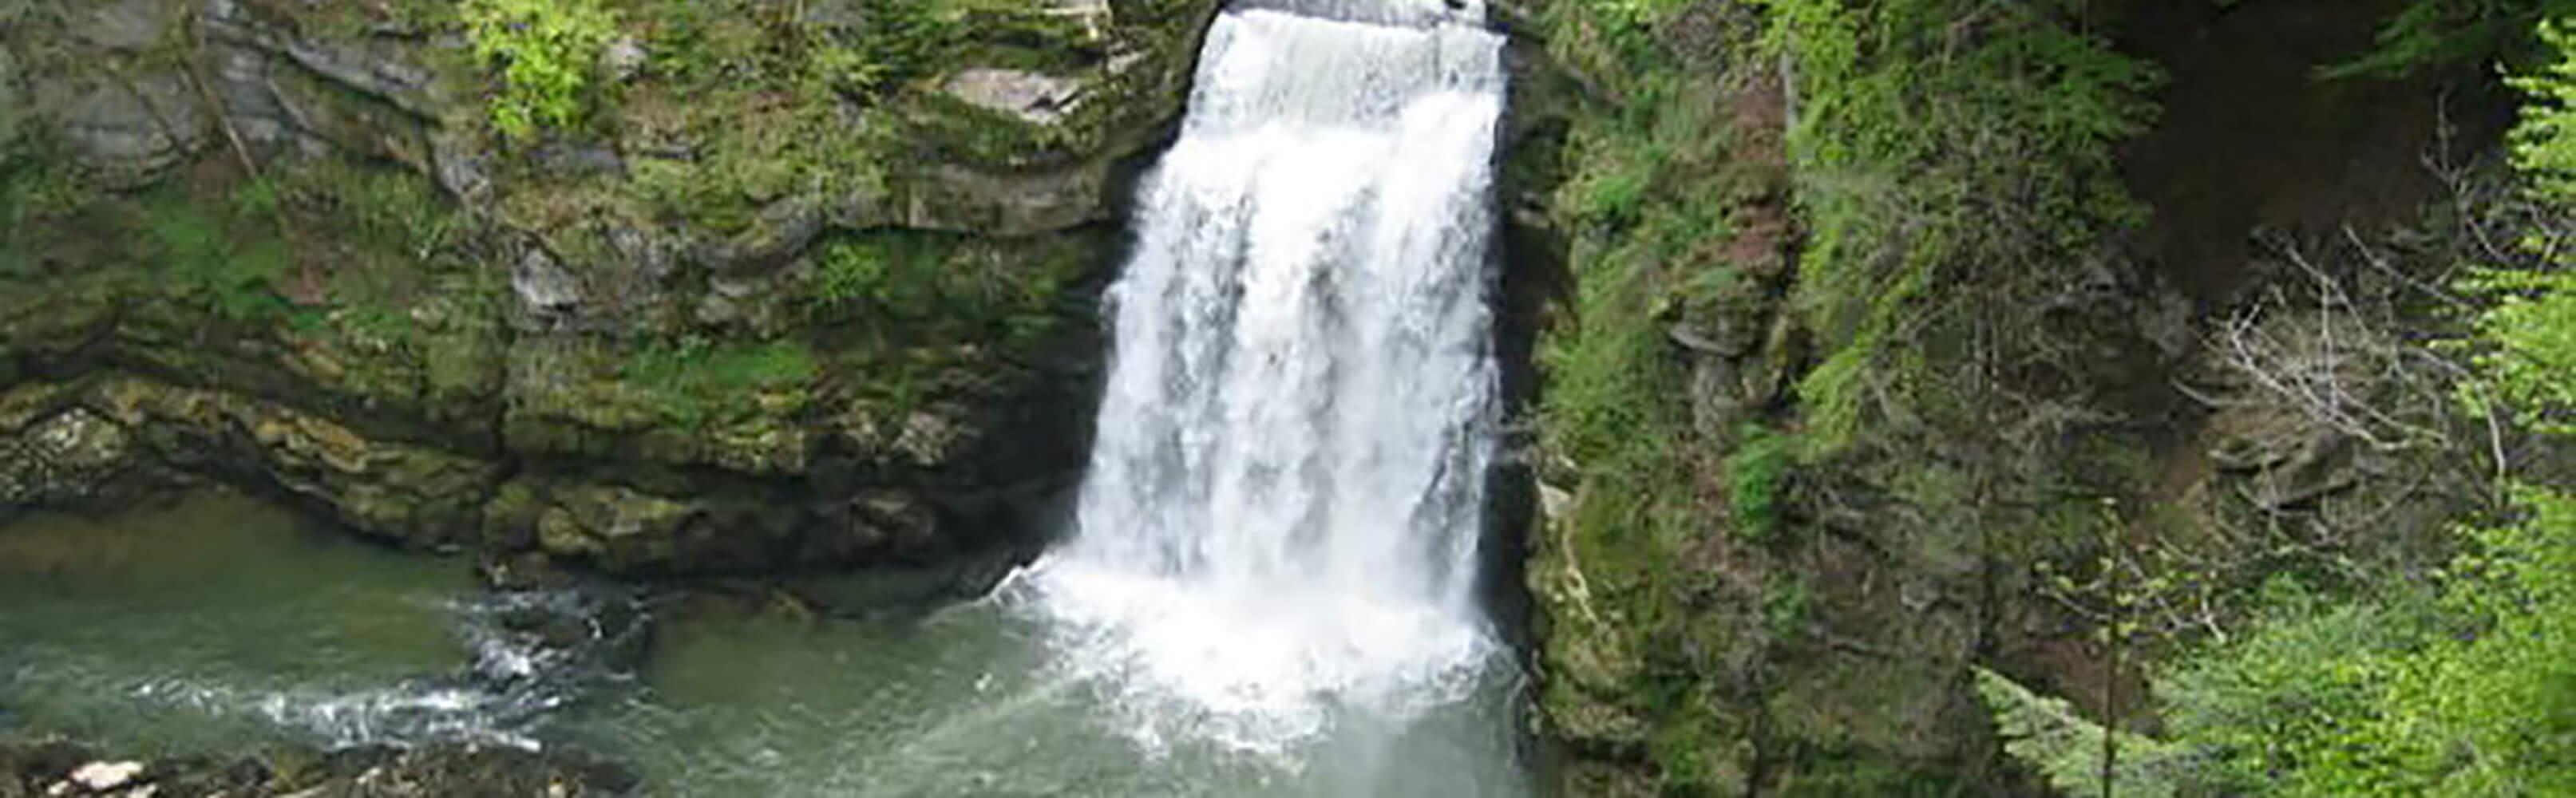 Doubs-Wasserfall Les Brenets